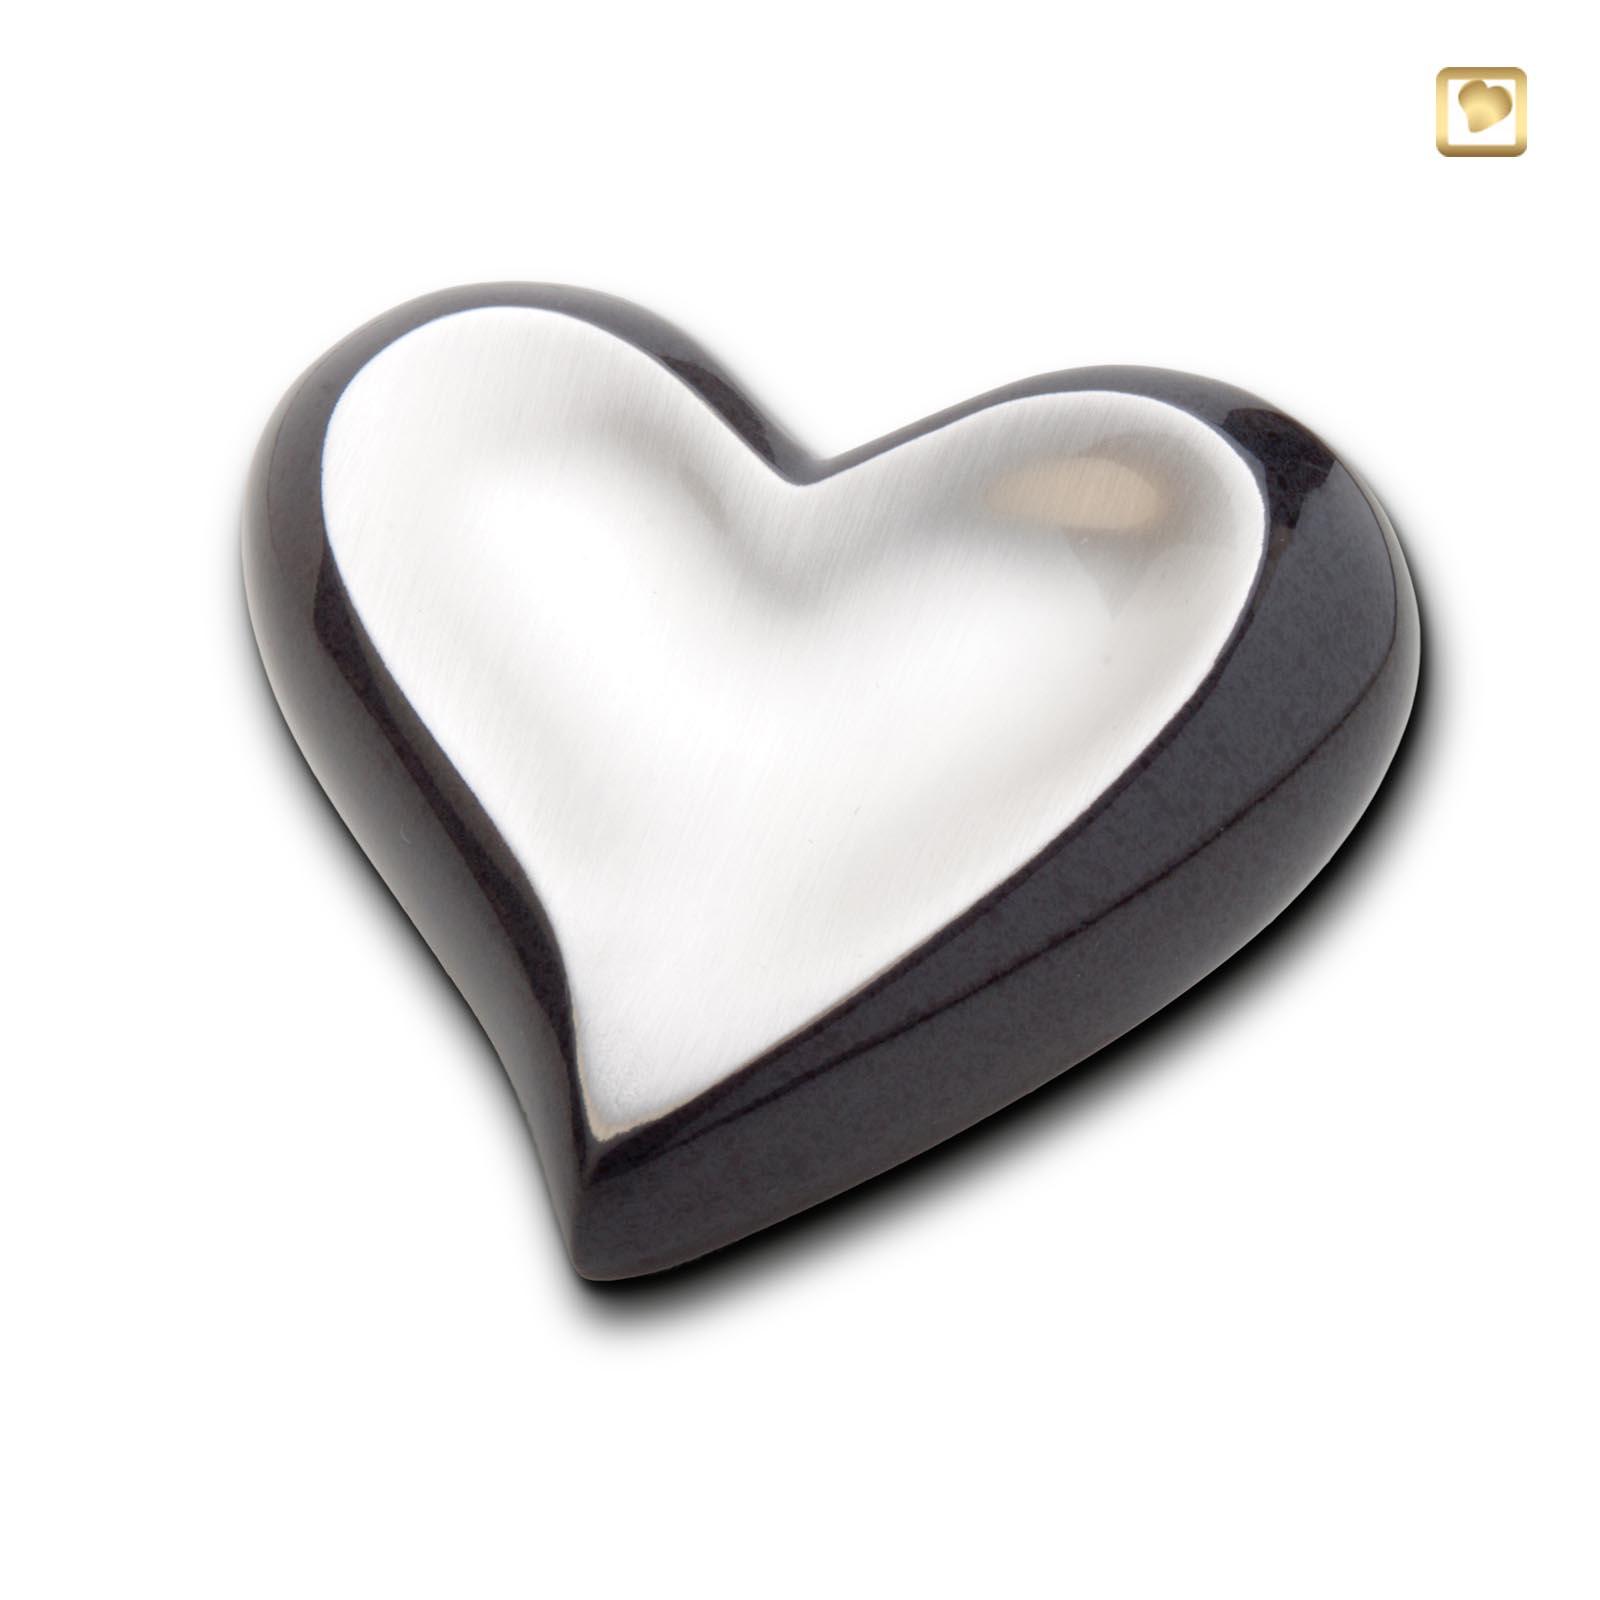 messingurne herz schwarz silber tierurnen katalog und versand der tierbestattung im rosengarten. Black Bedroom Furniture Sets. Home Design Ideas